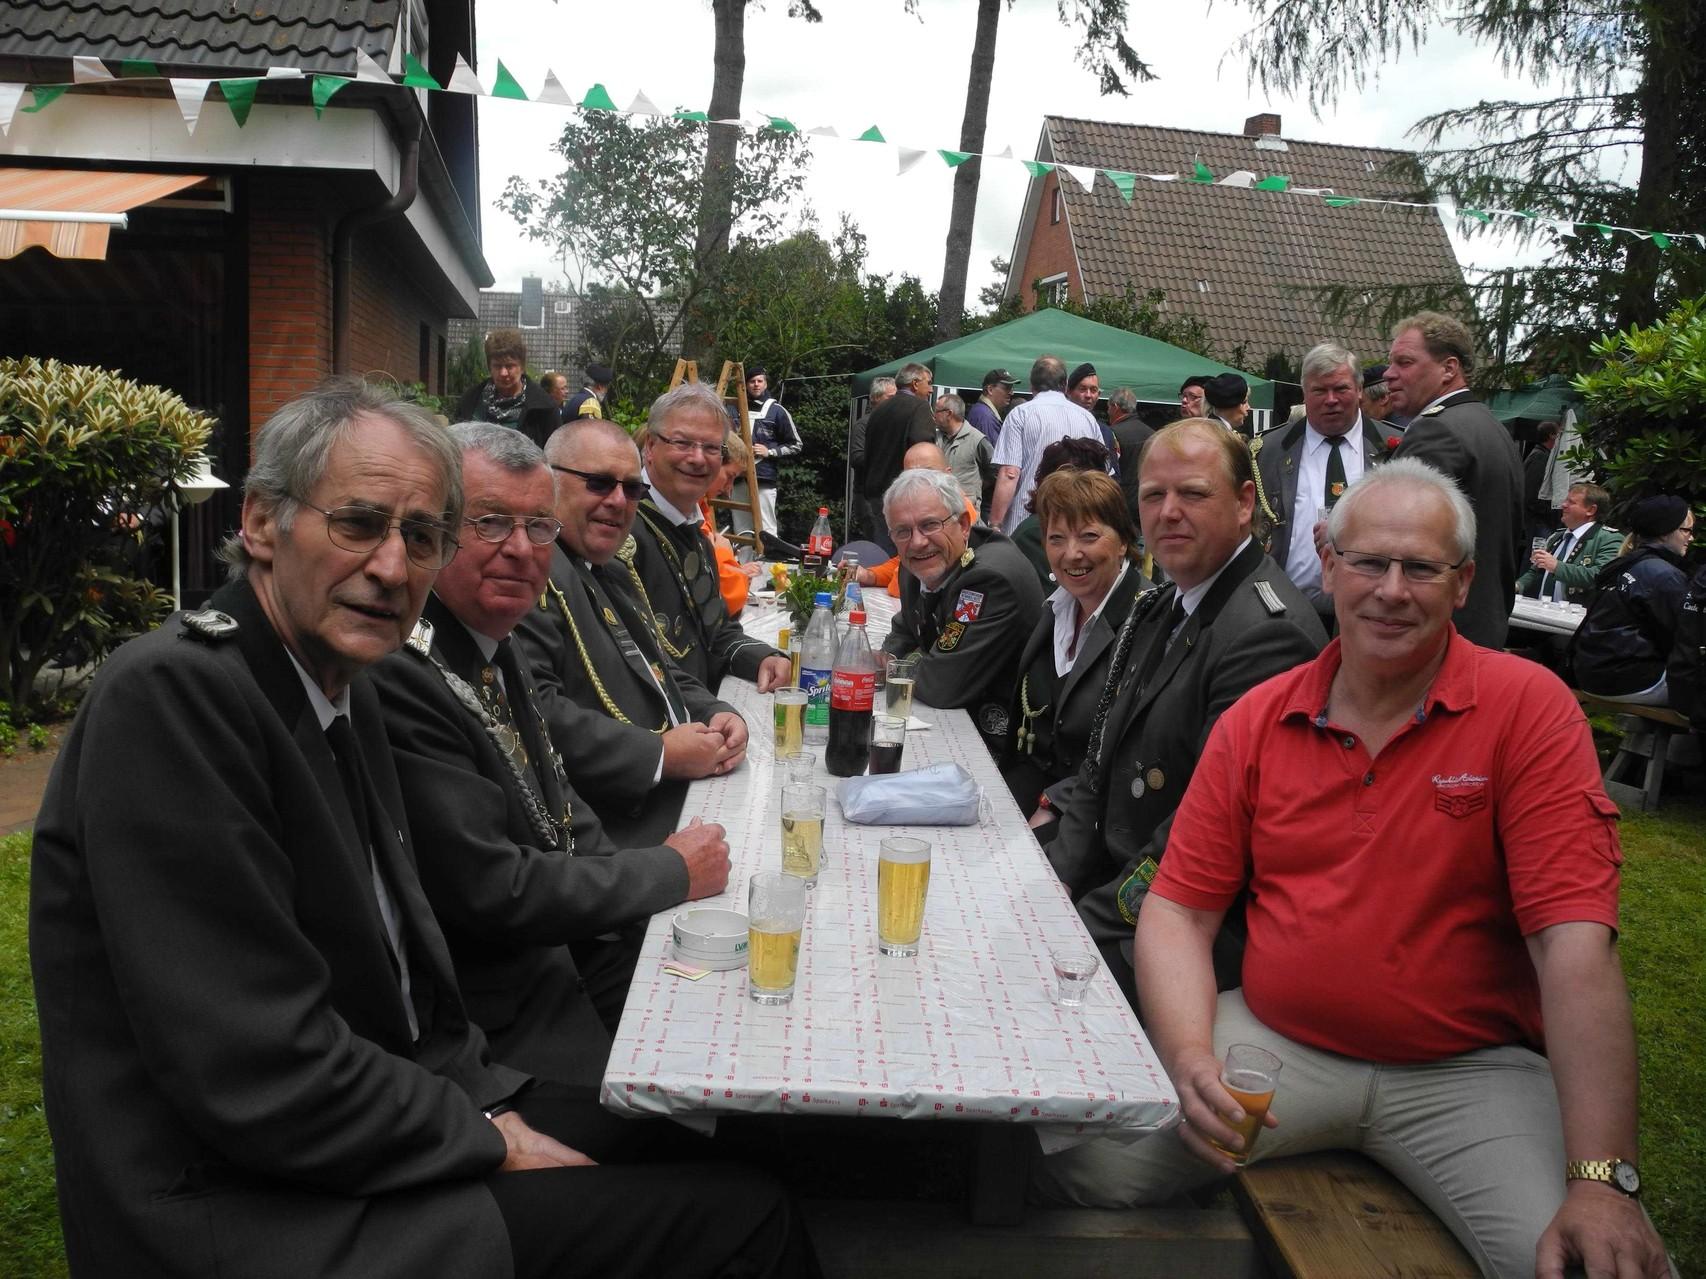 Tisch mit der Deligation des Schützenverbandes - kurz vor der Ehrung. zufällig saß Horst v.d. Reith mit am Tisch (vorne links)